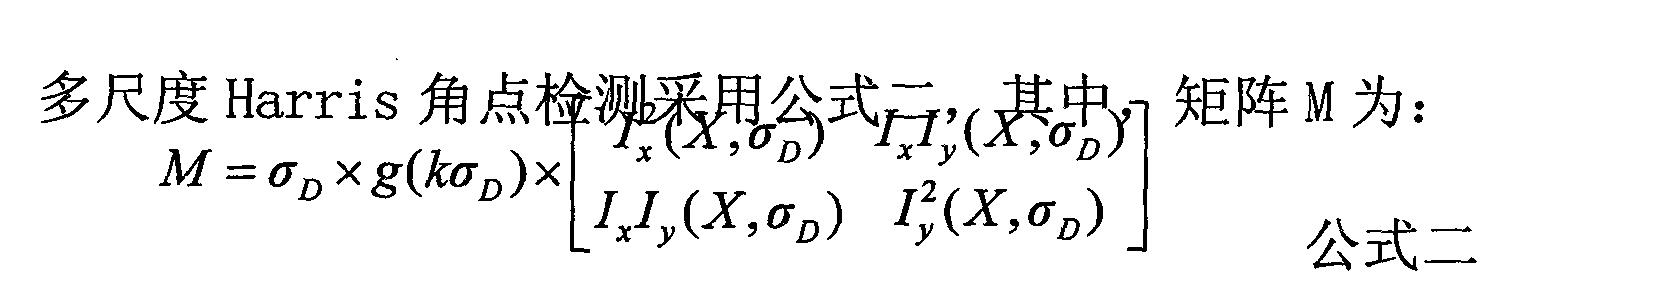 Figure CN101719275BD00112